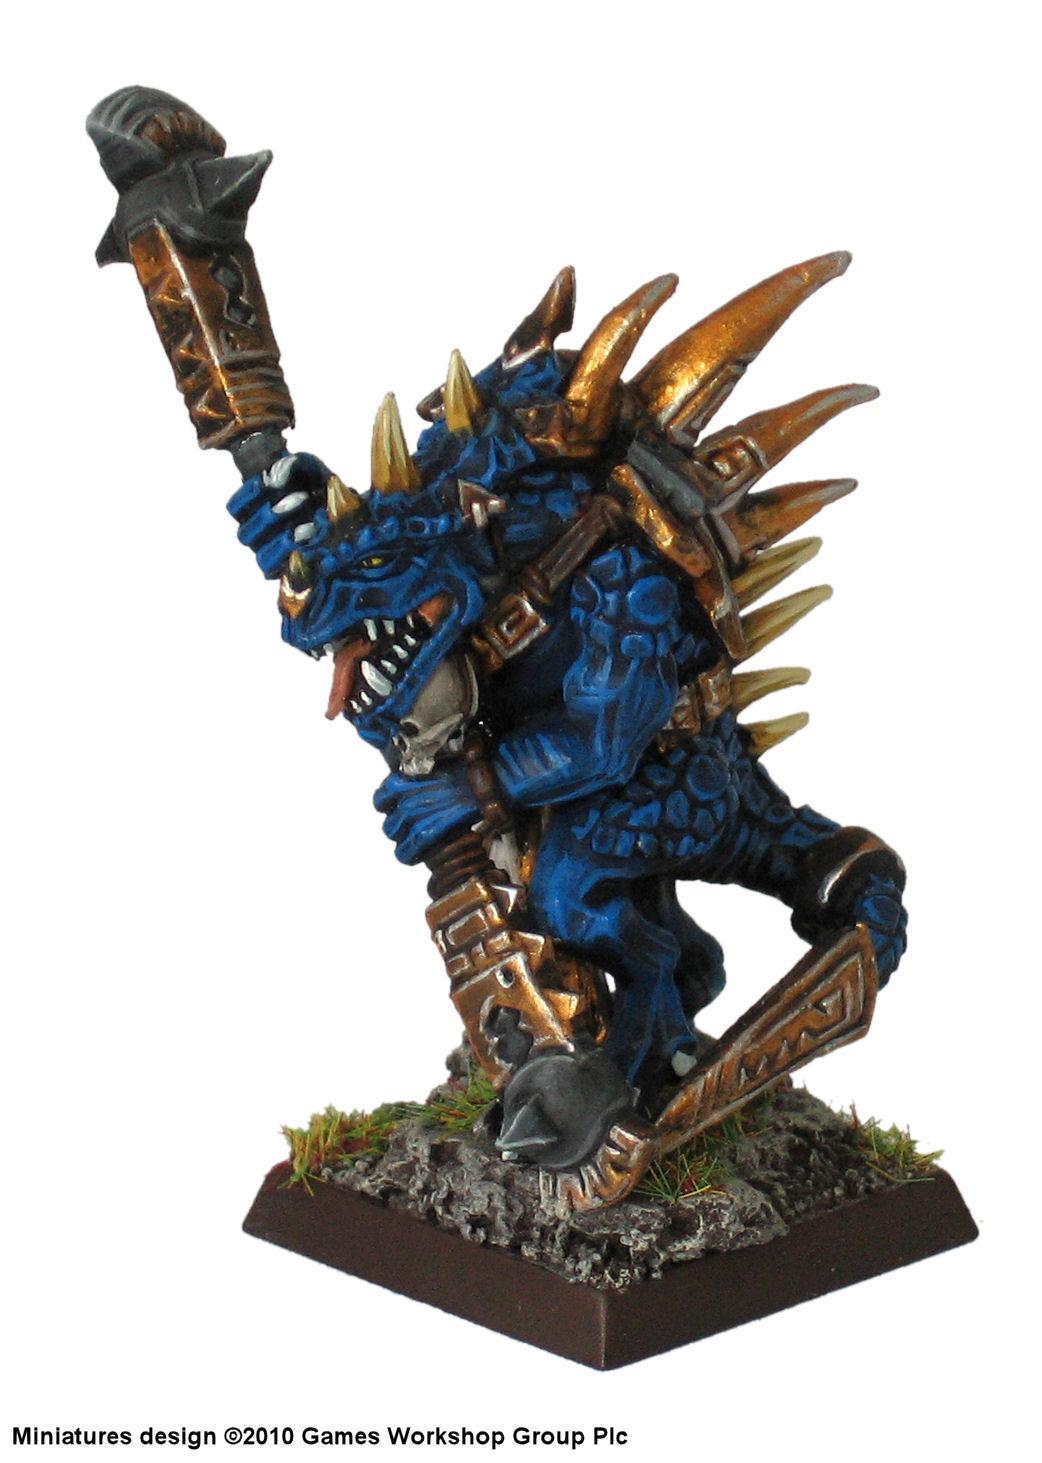 Lizardmen, Omega, Scar, Veteran, Warhammer Fantasy